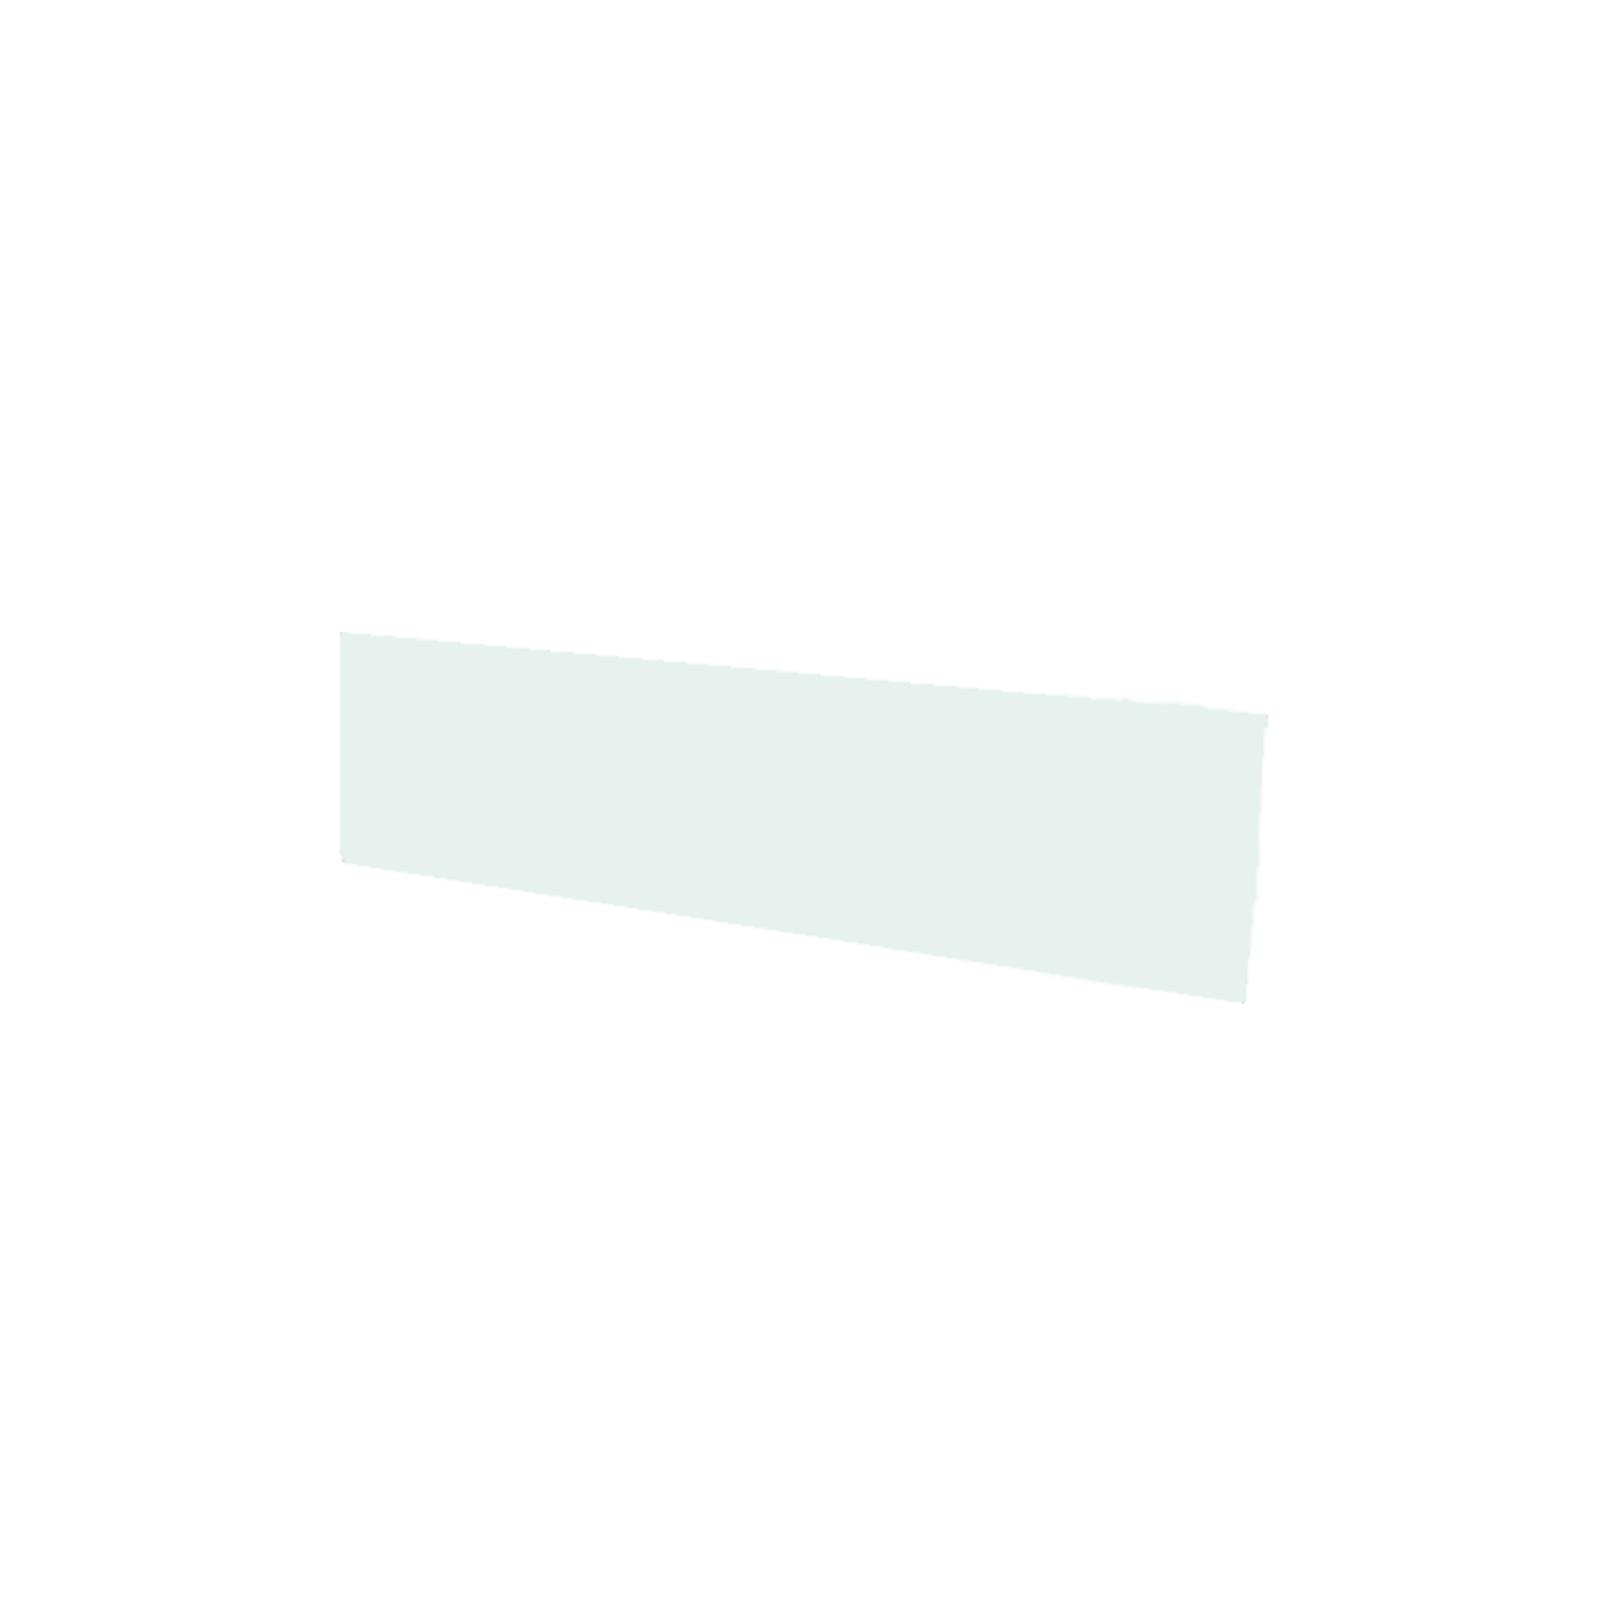 Vistelle 1200 x 300 x 4mm Mist High Gloss Acrylic Vanity Splashback